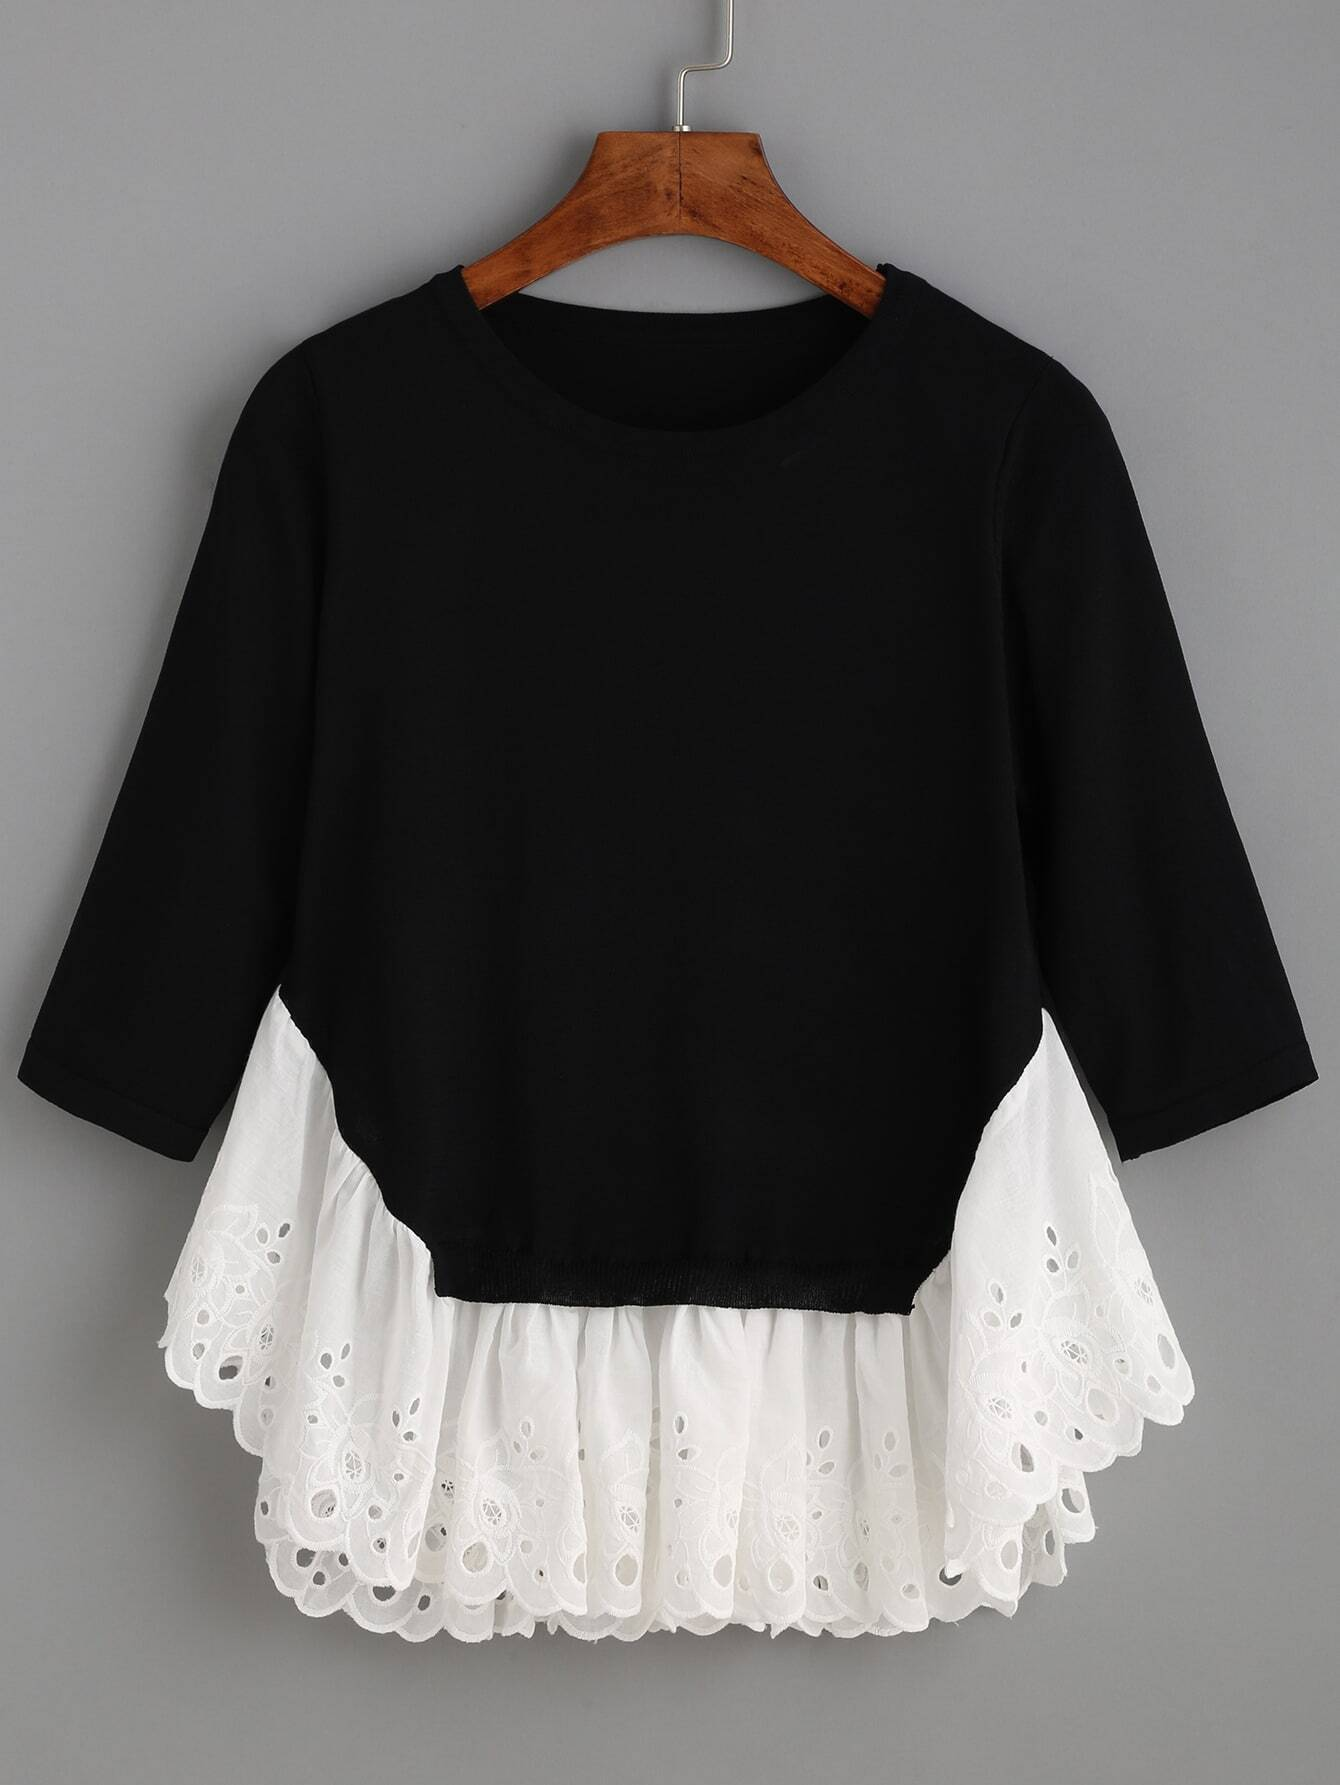 1874a66ee9 Black Long Sleeve Contrast Ruffle Hem Sweater EmmaCloth-Women Fast ...